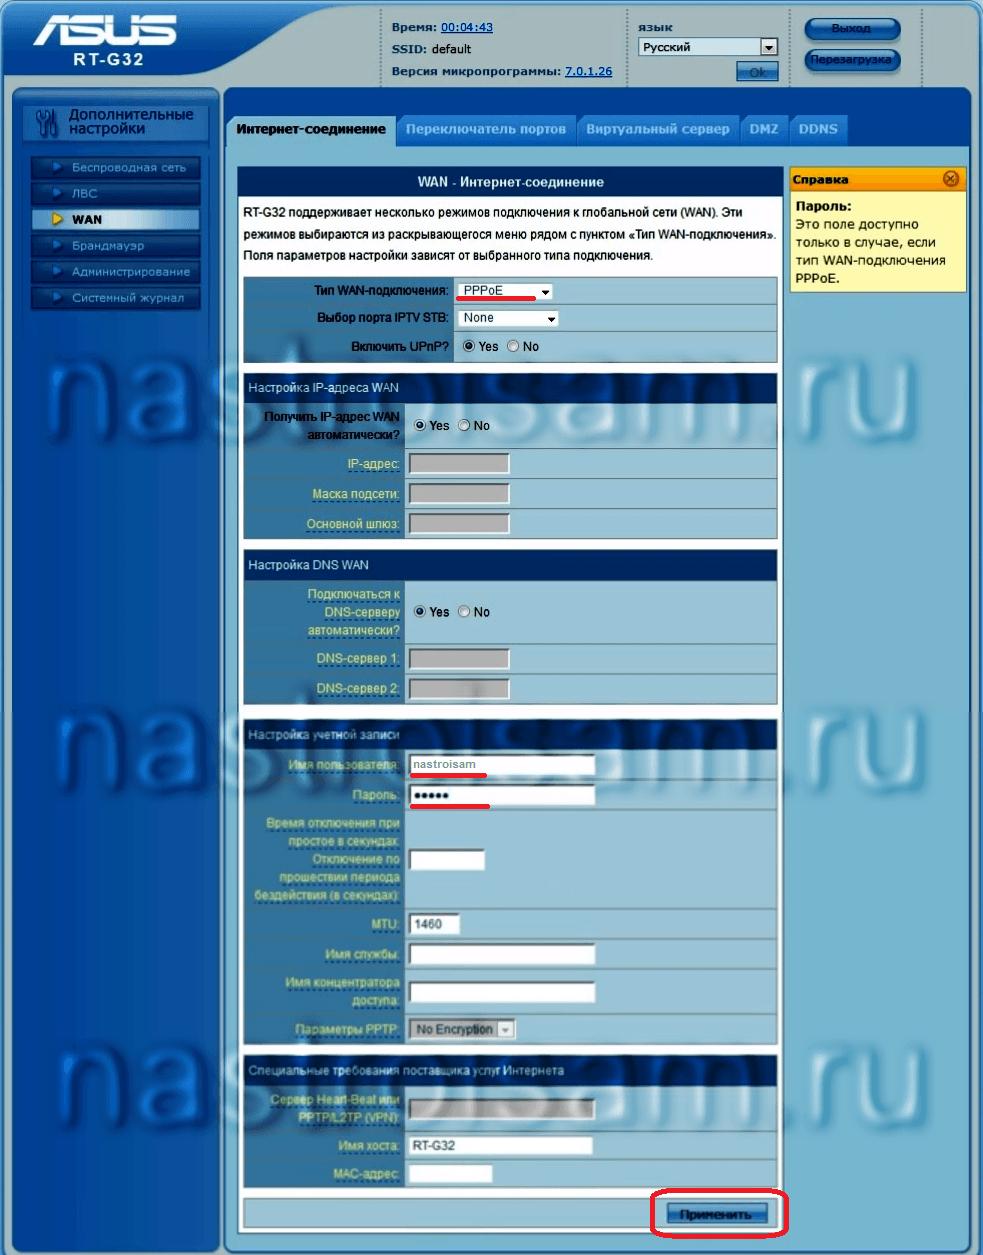 Отзывы покупателей о маршрутизатор asus rt-g32. Интернет-магазин dns.